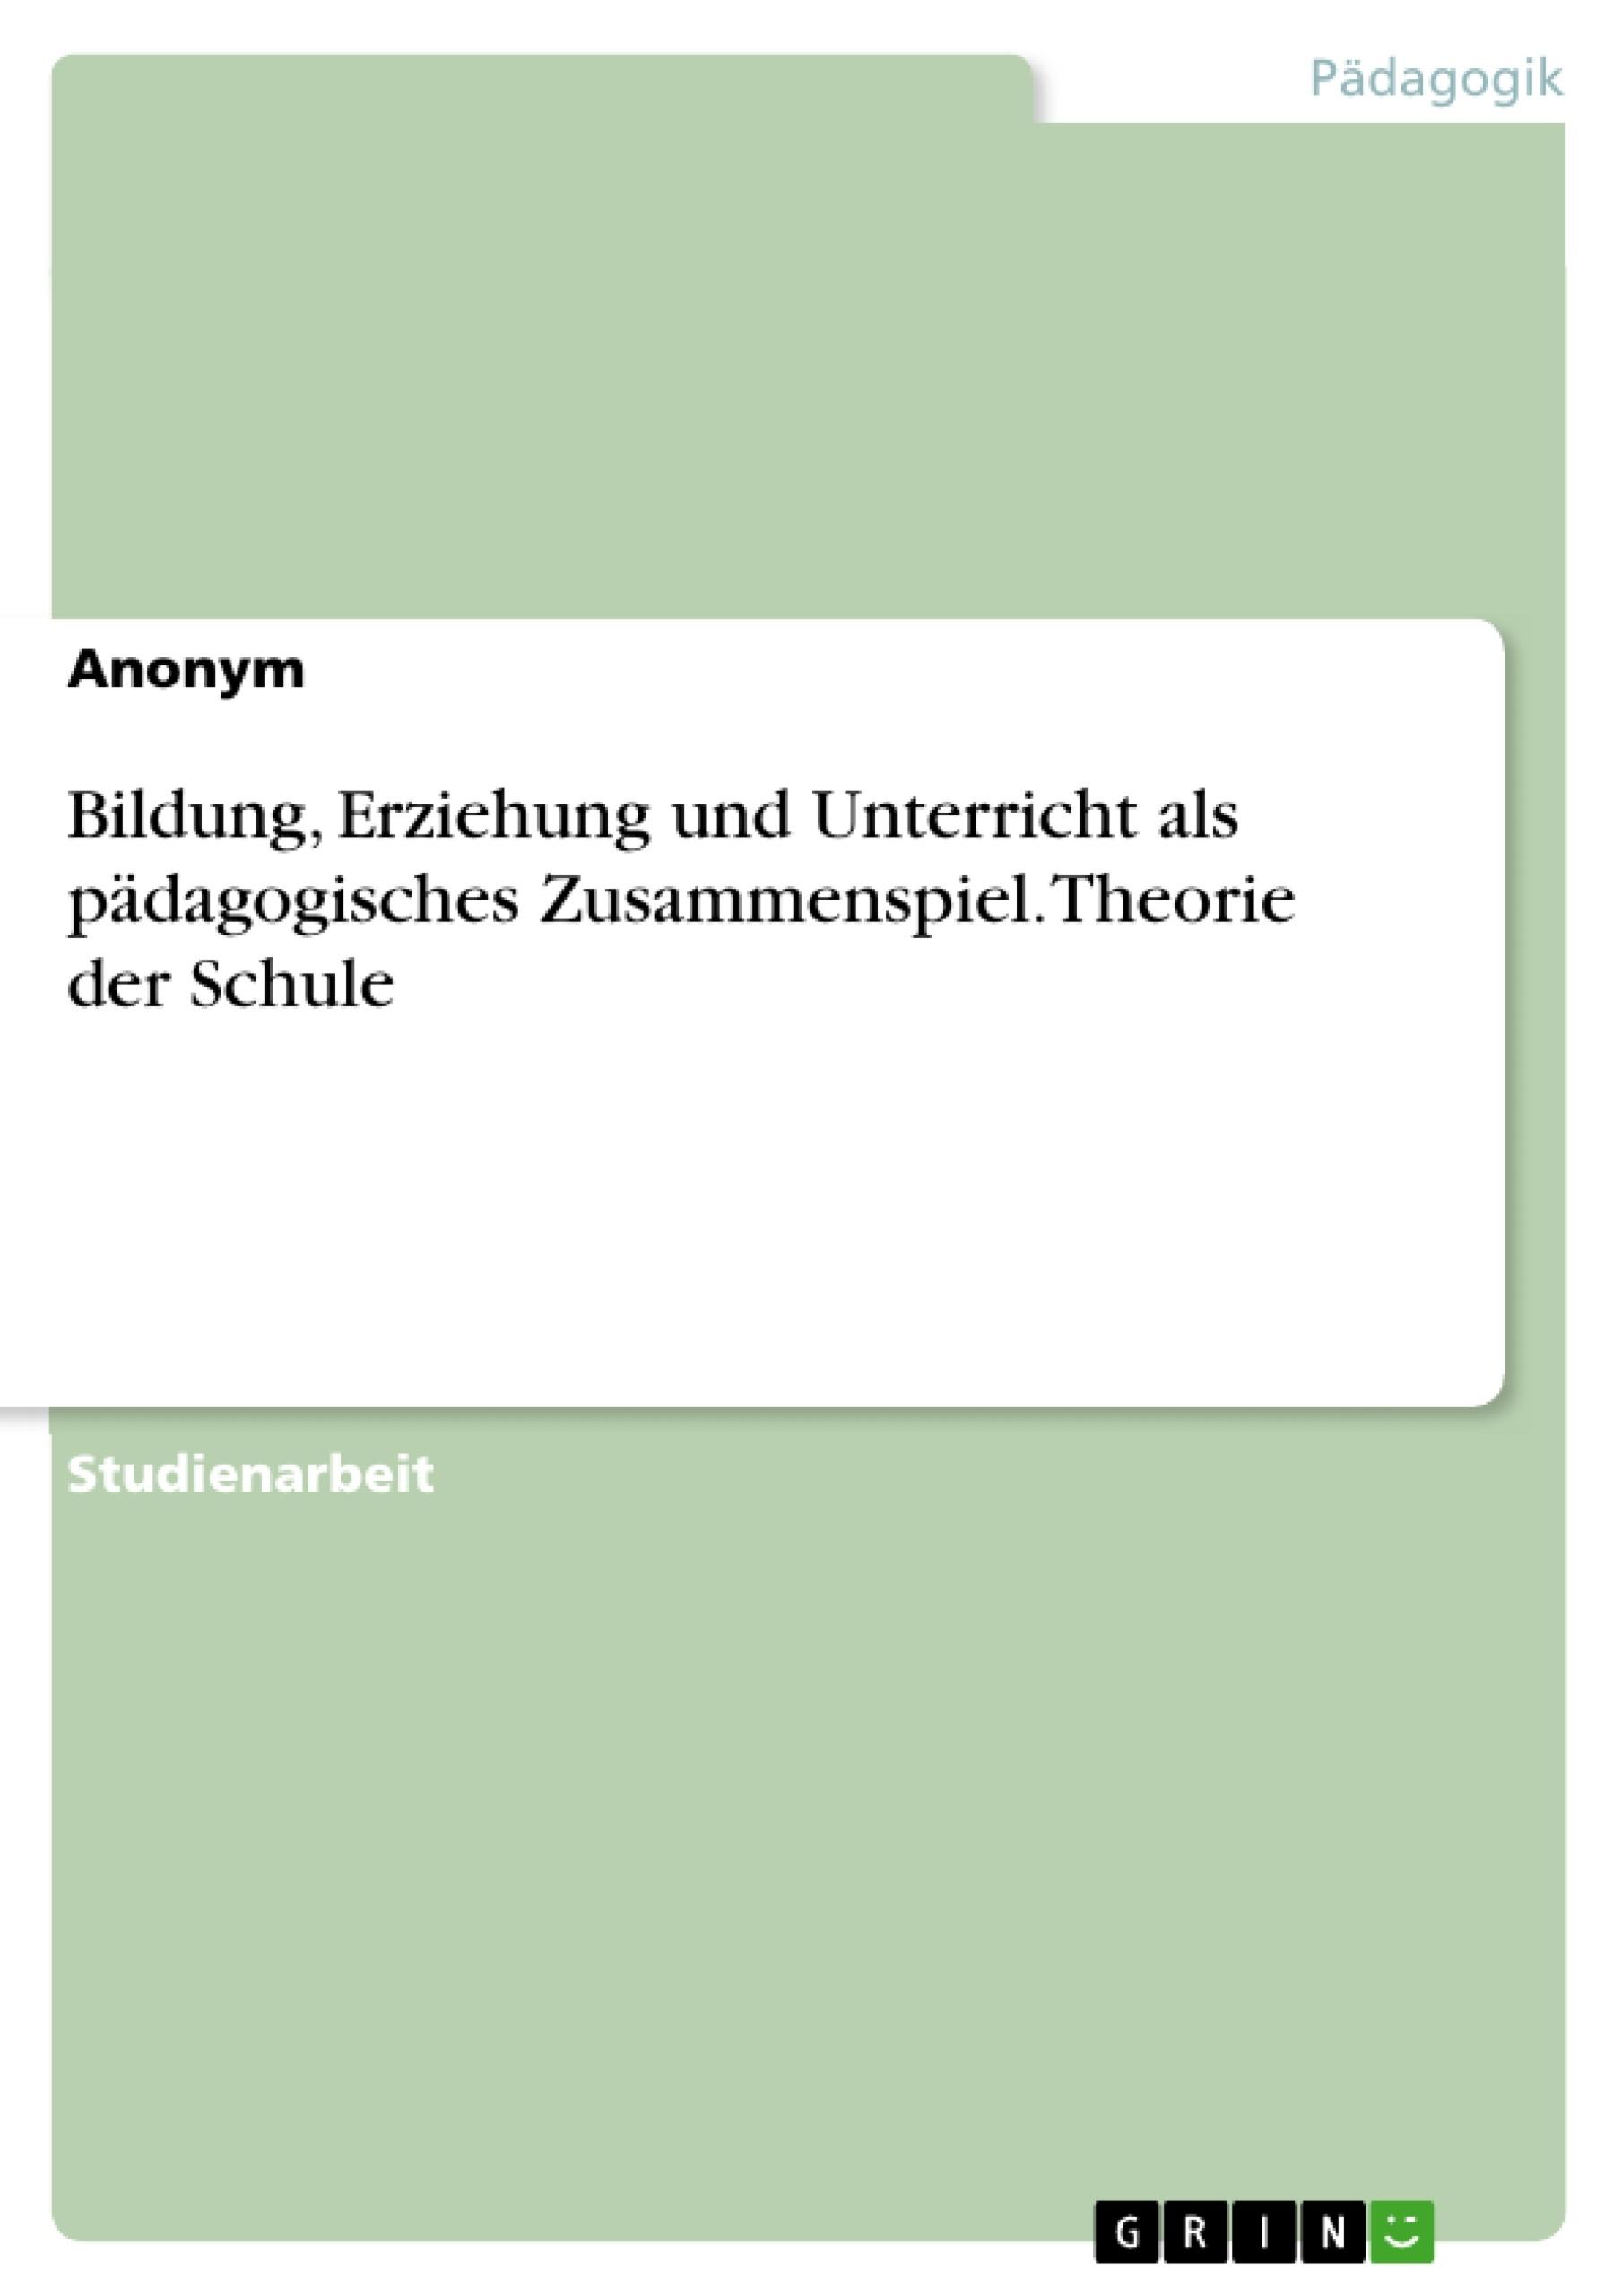 Titel: Bildung, Erziehung und Unterricht als pädagogisches Zusammenspiel. Theorie der Schule